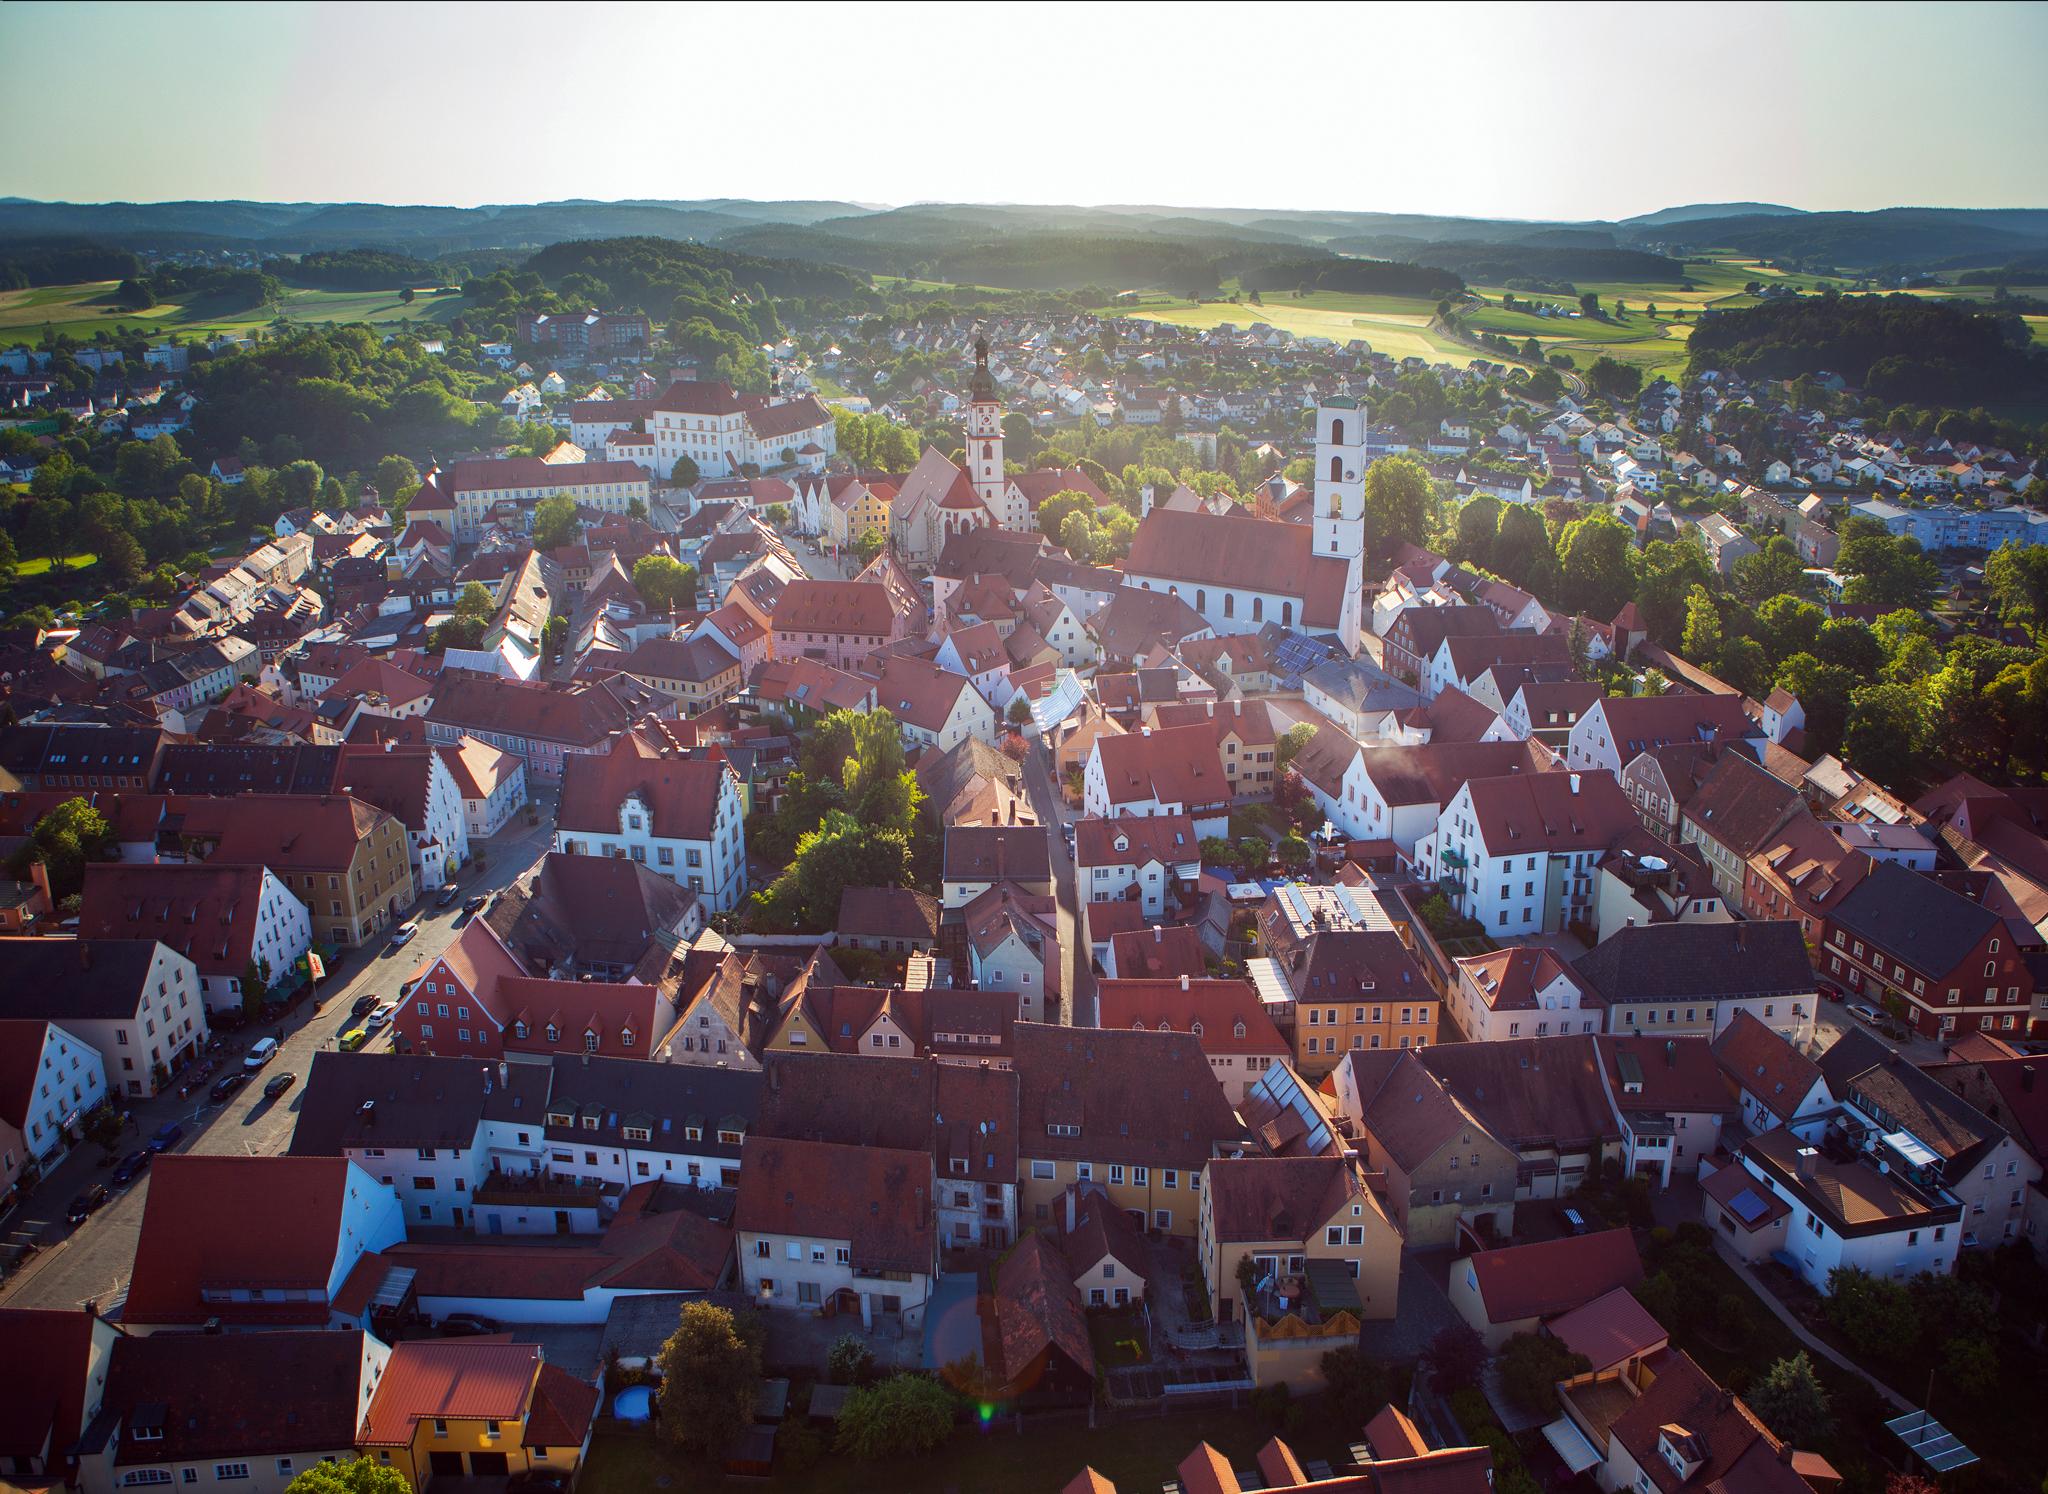 Blick auf die Altstadt von Sulzbach-Rosenberg © Thilo Hierstetter